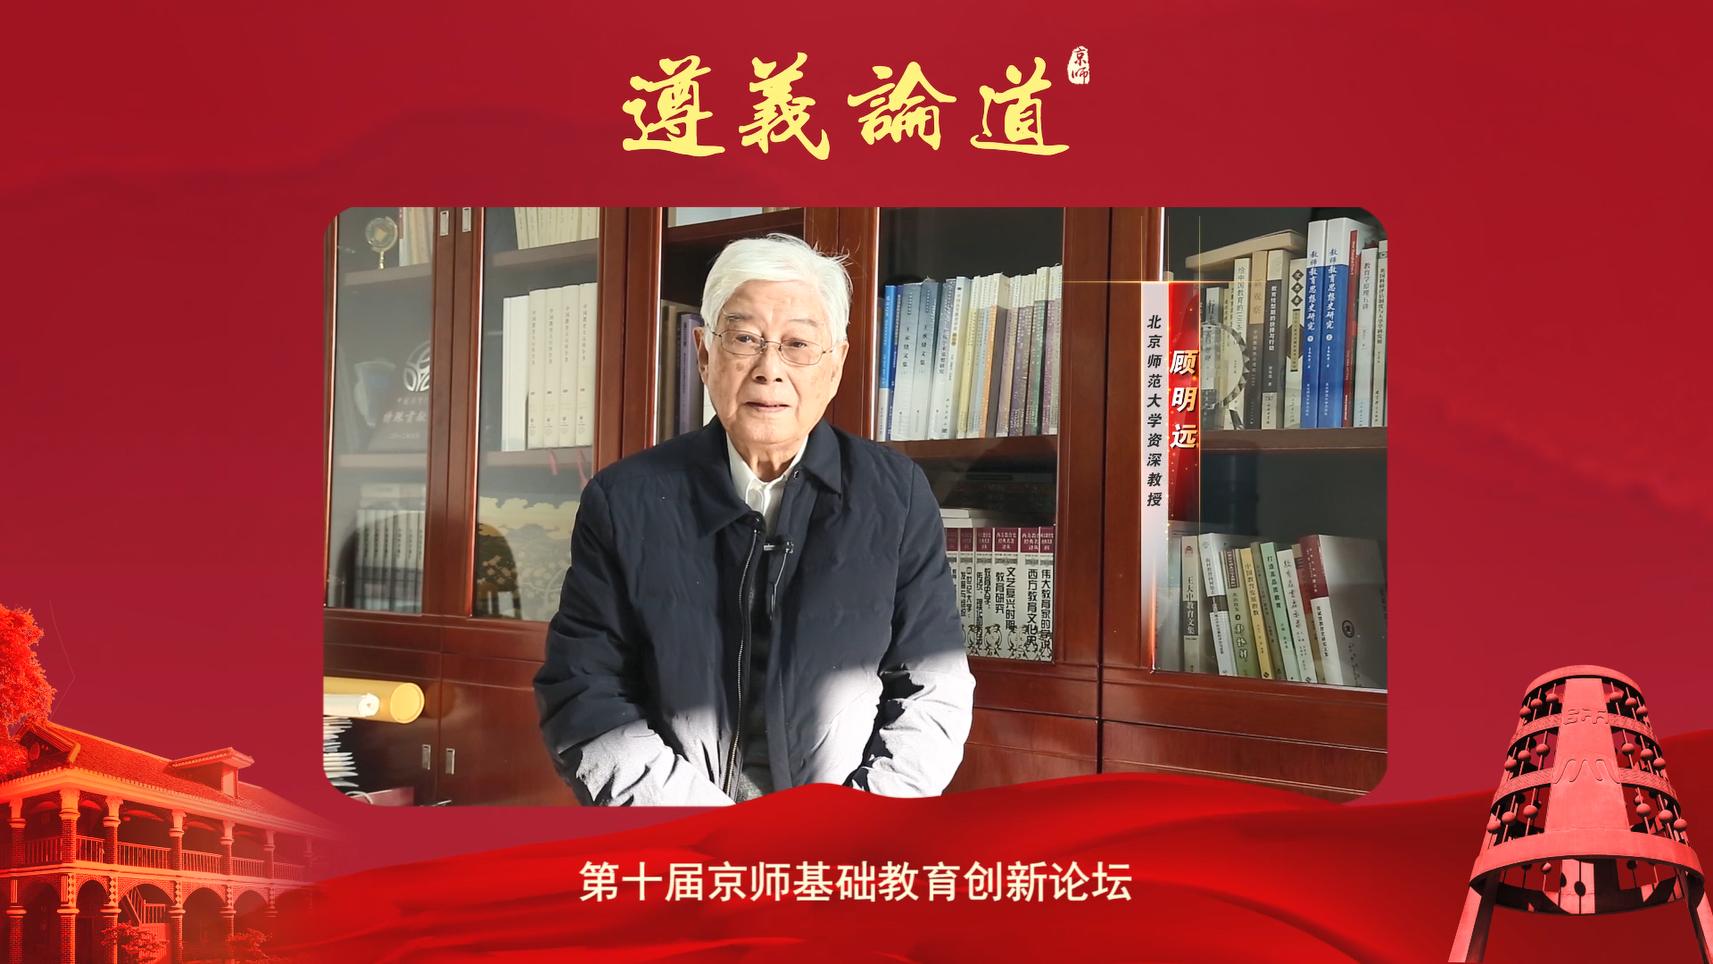 北師大資深教授顧明遠先生以視頻的形式發表了賀詞